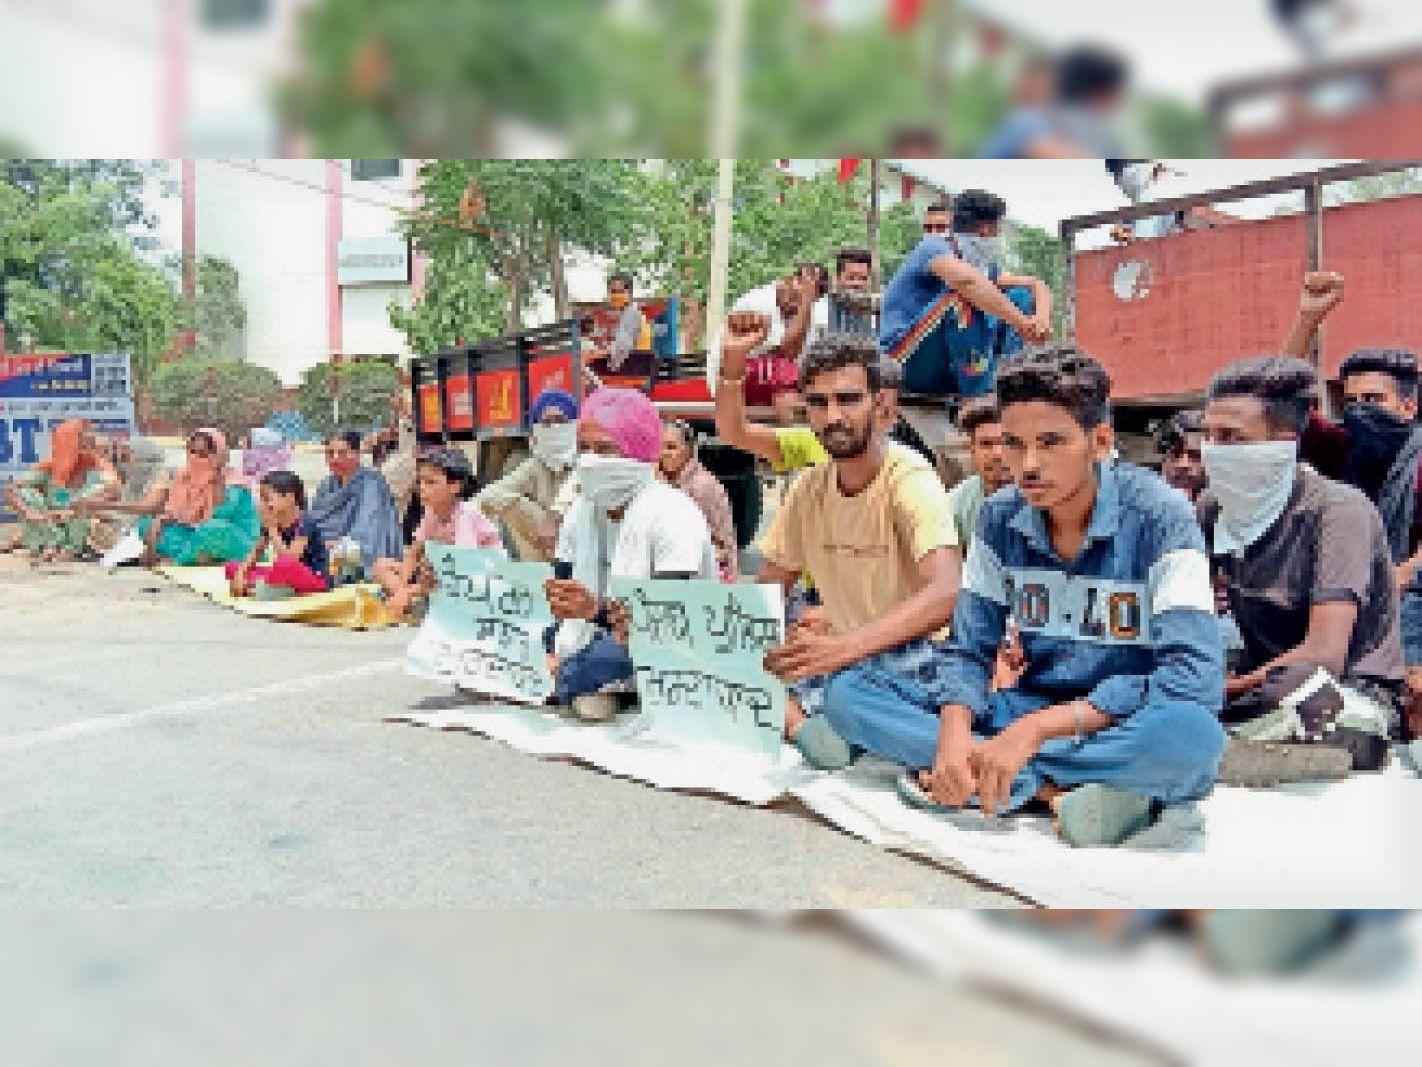 संगरूर में संगरूर बरनाला रोड पर धरने पर बैठे लोग। - Dainik Bhaskar